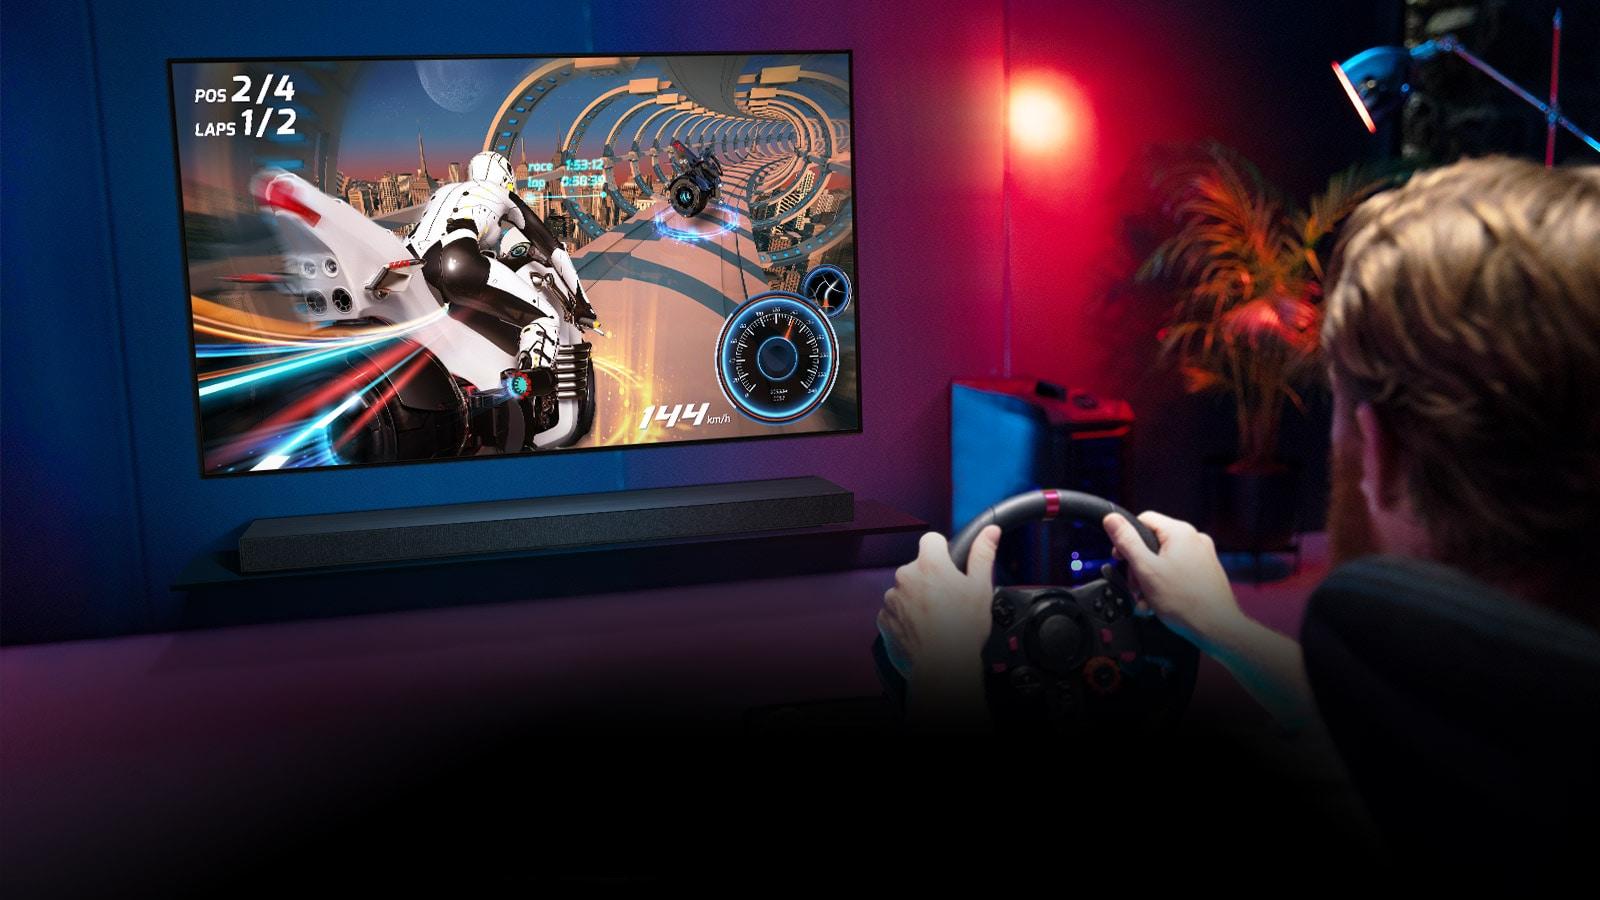 Muž, který sedí vherním křesle, drží herní volant ahraje závodní hru na televizní obrazovce